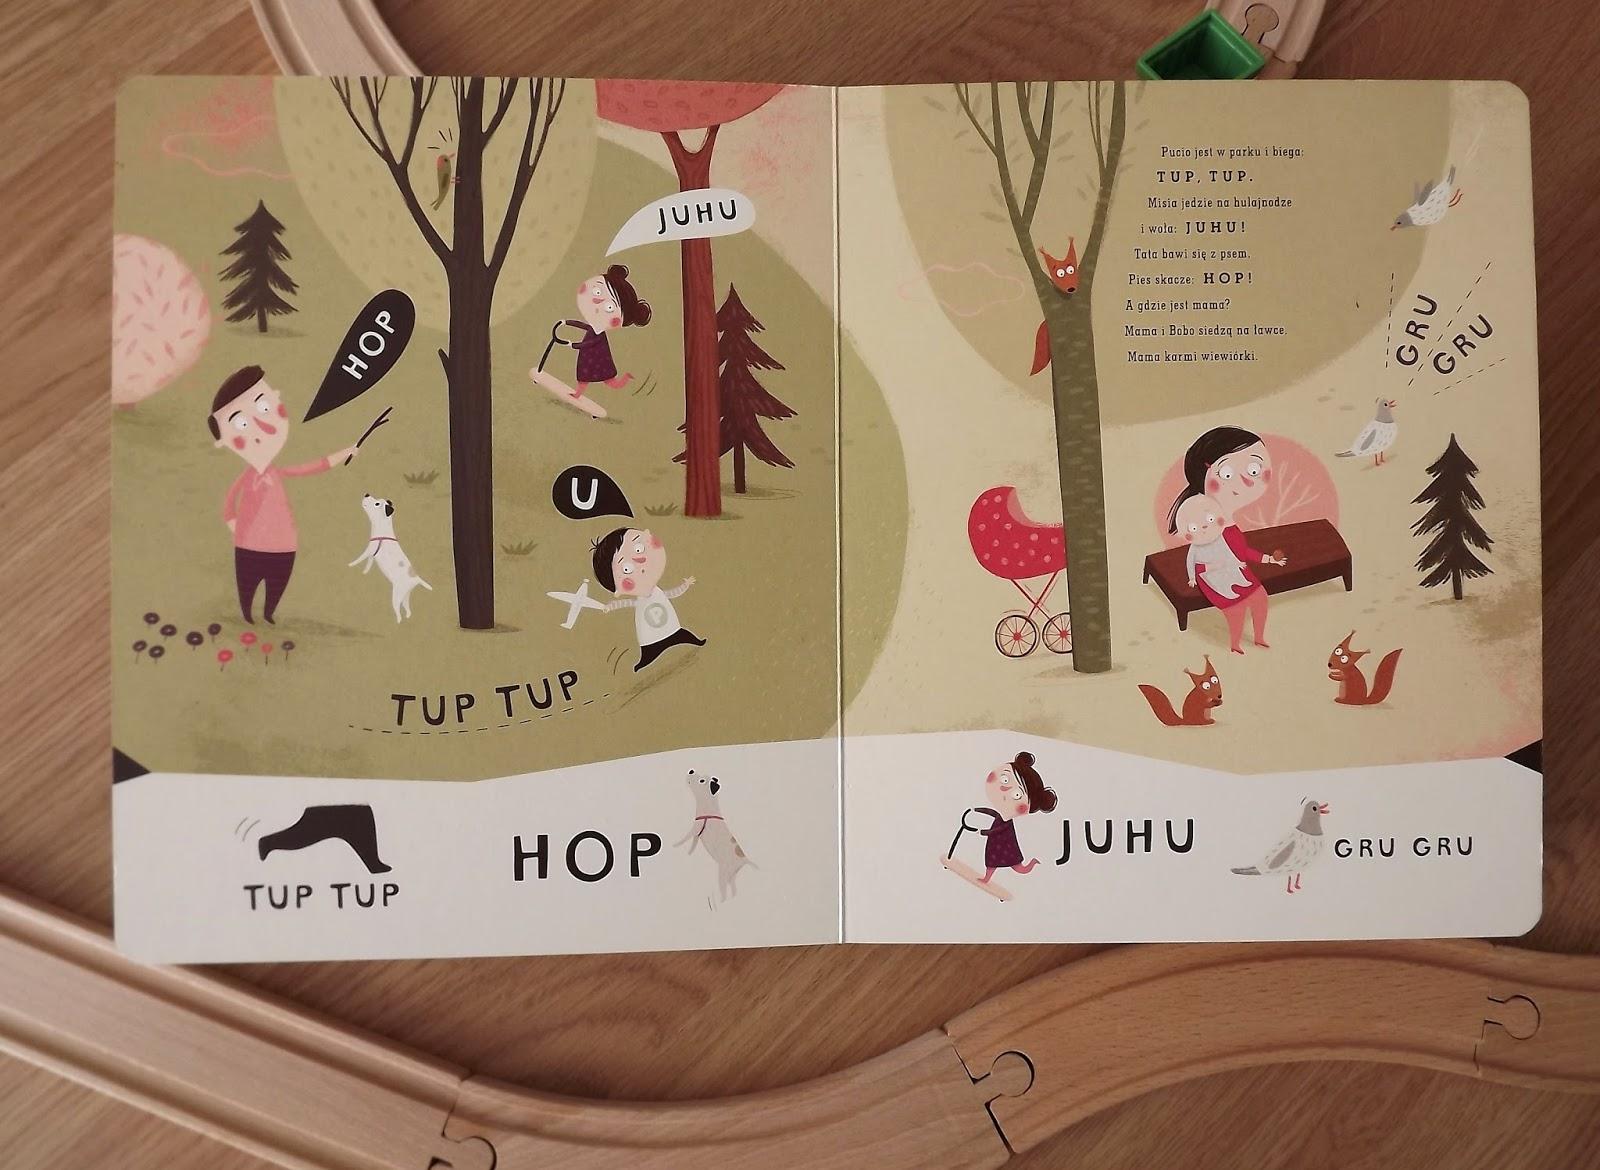 Opinie pucio uczy się mówić, recenzja pucio uczy się mówić, najlepsze książki dla dzieci, książki dla niemowląt, książki do nauki mowy